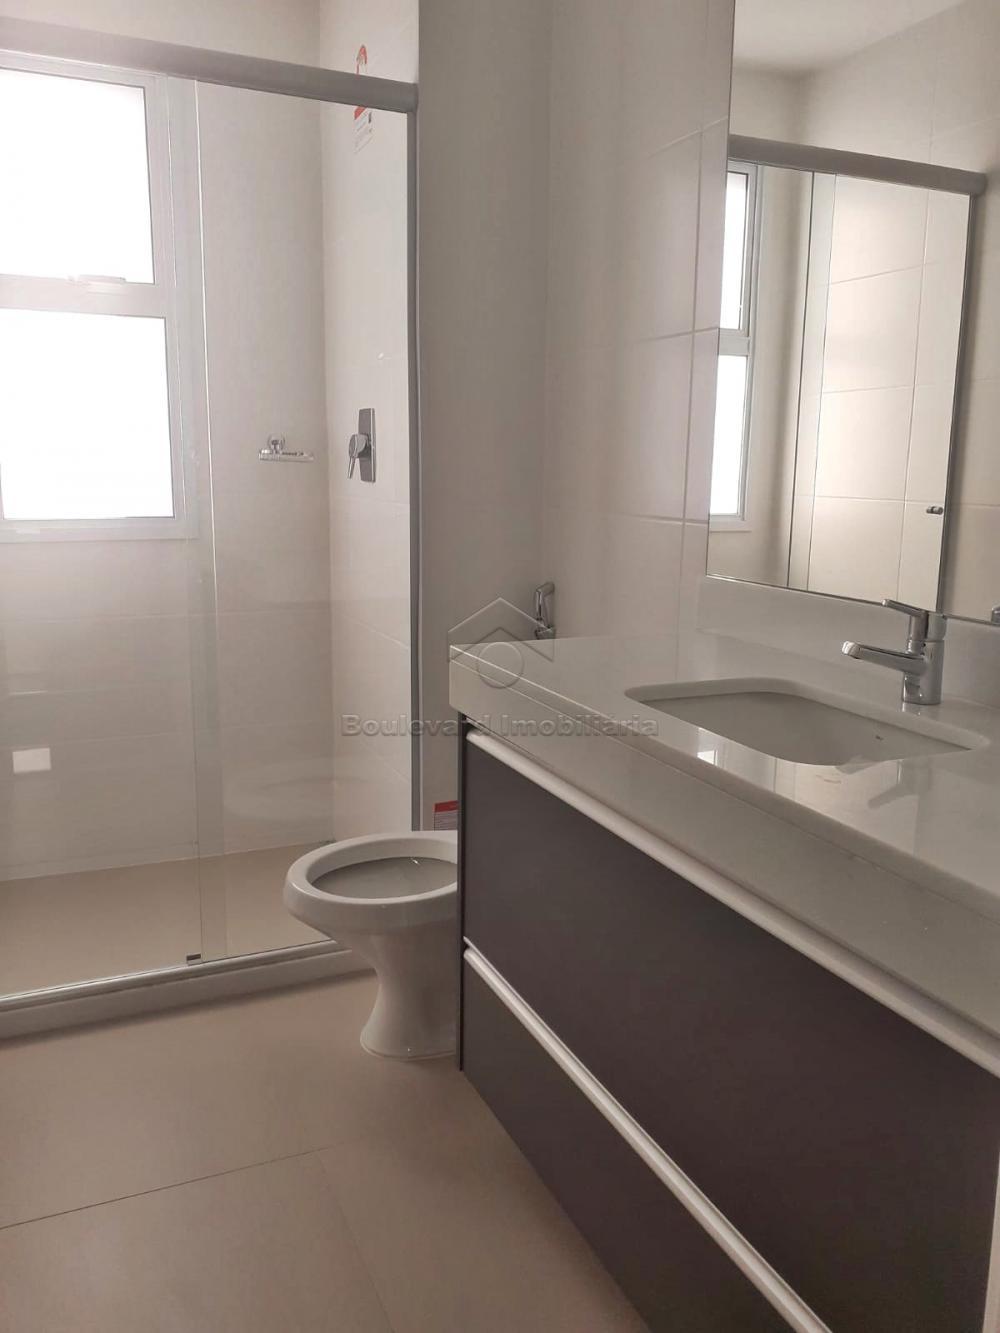 Comprar Apartamento / Padrão em Ribeirão Preto R$ 725.000,00 - Foto 17